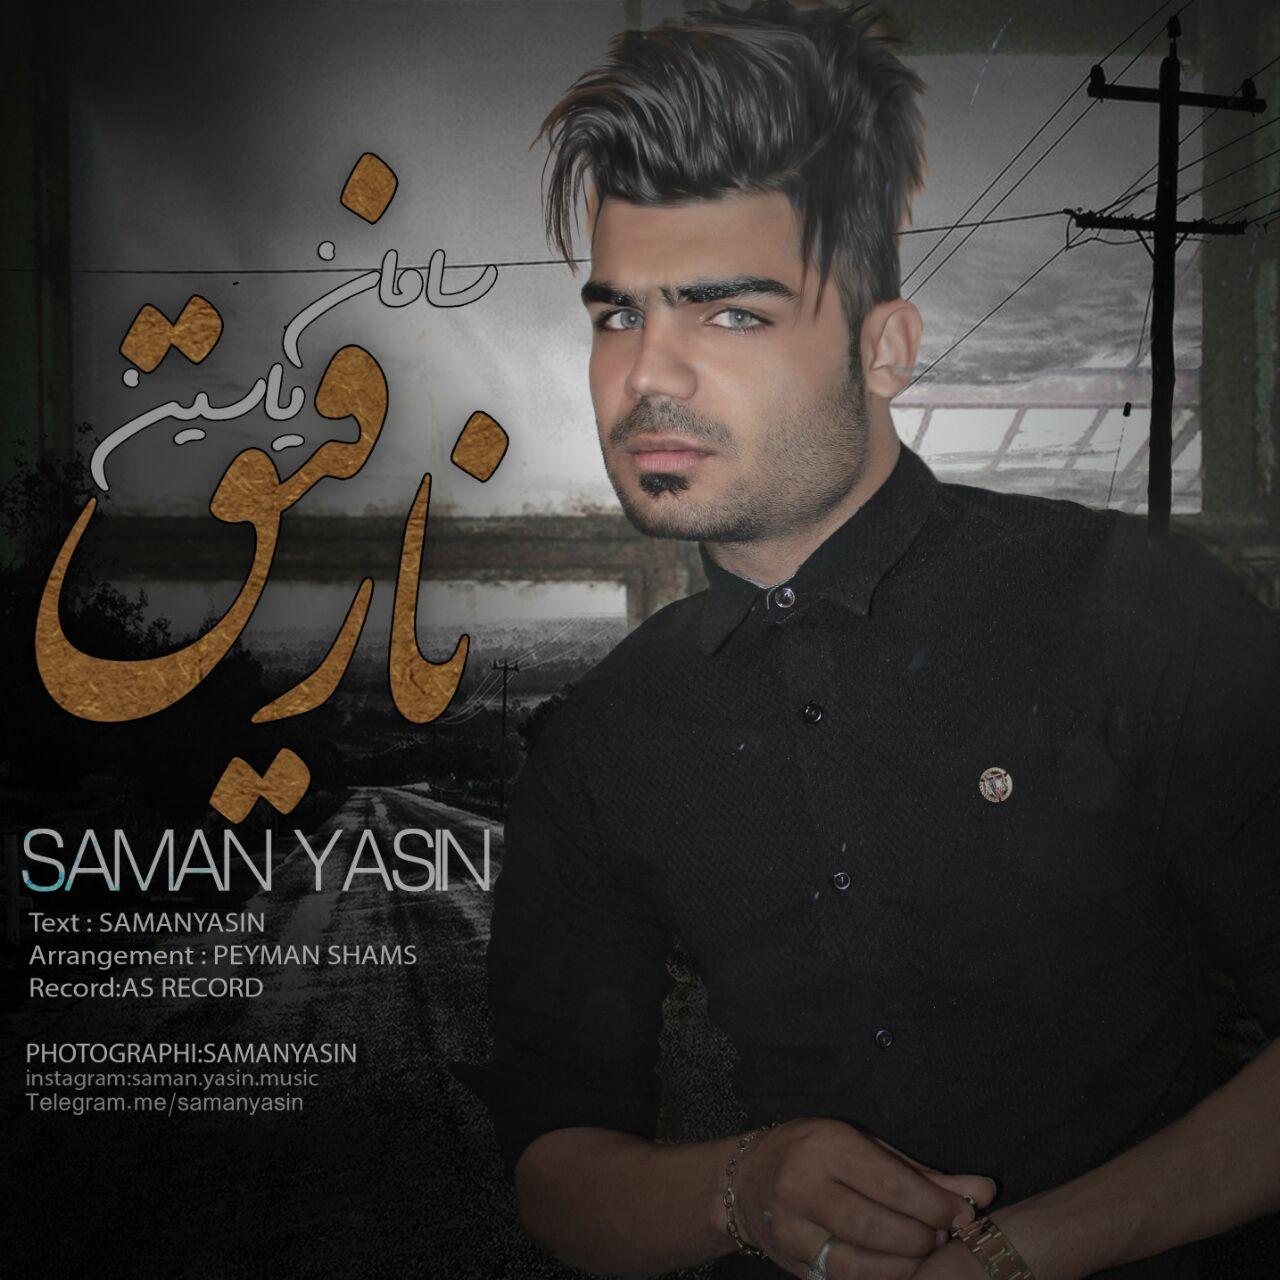 دانلود آهنگ جدید سامان یاسین به نام نارفیق